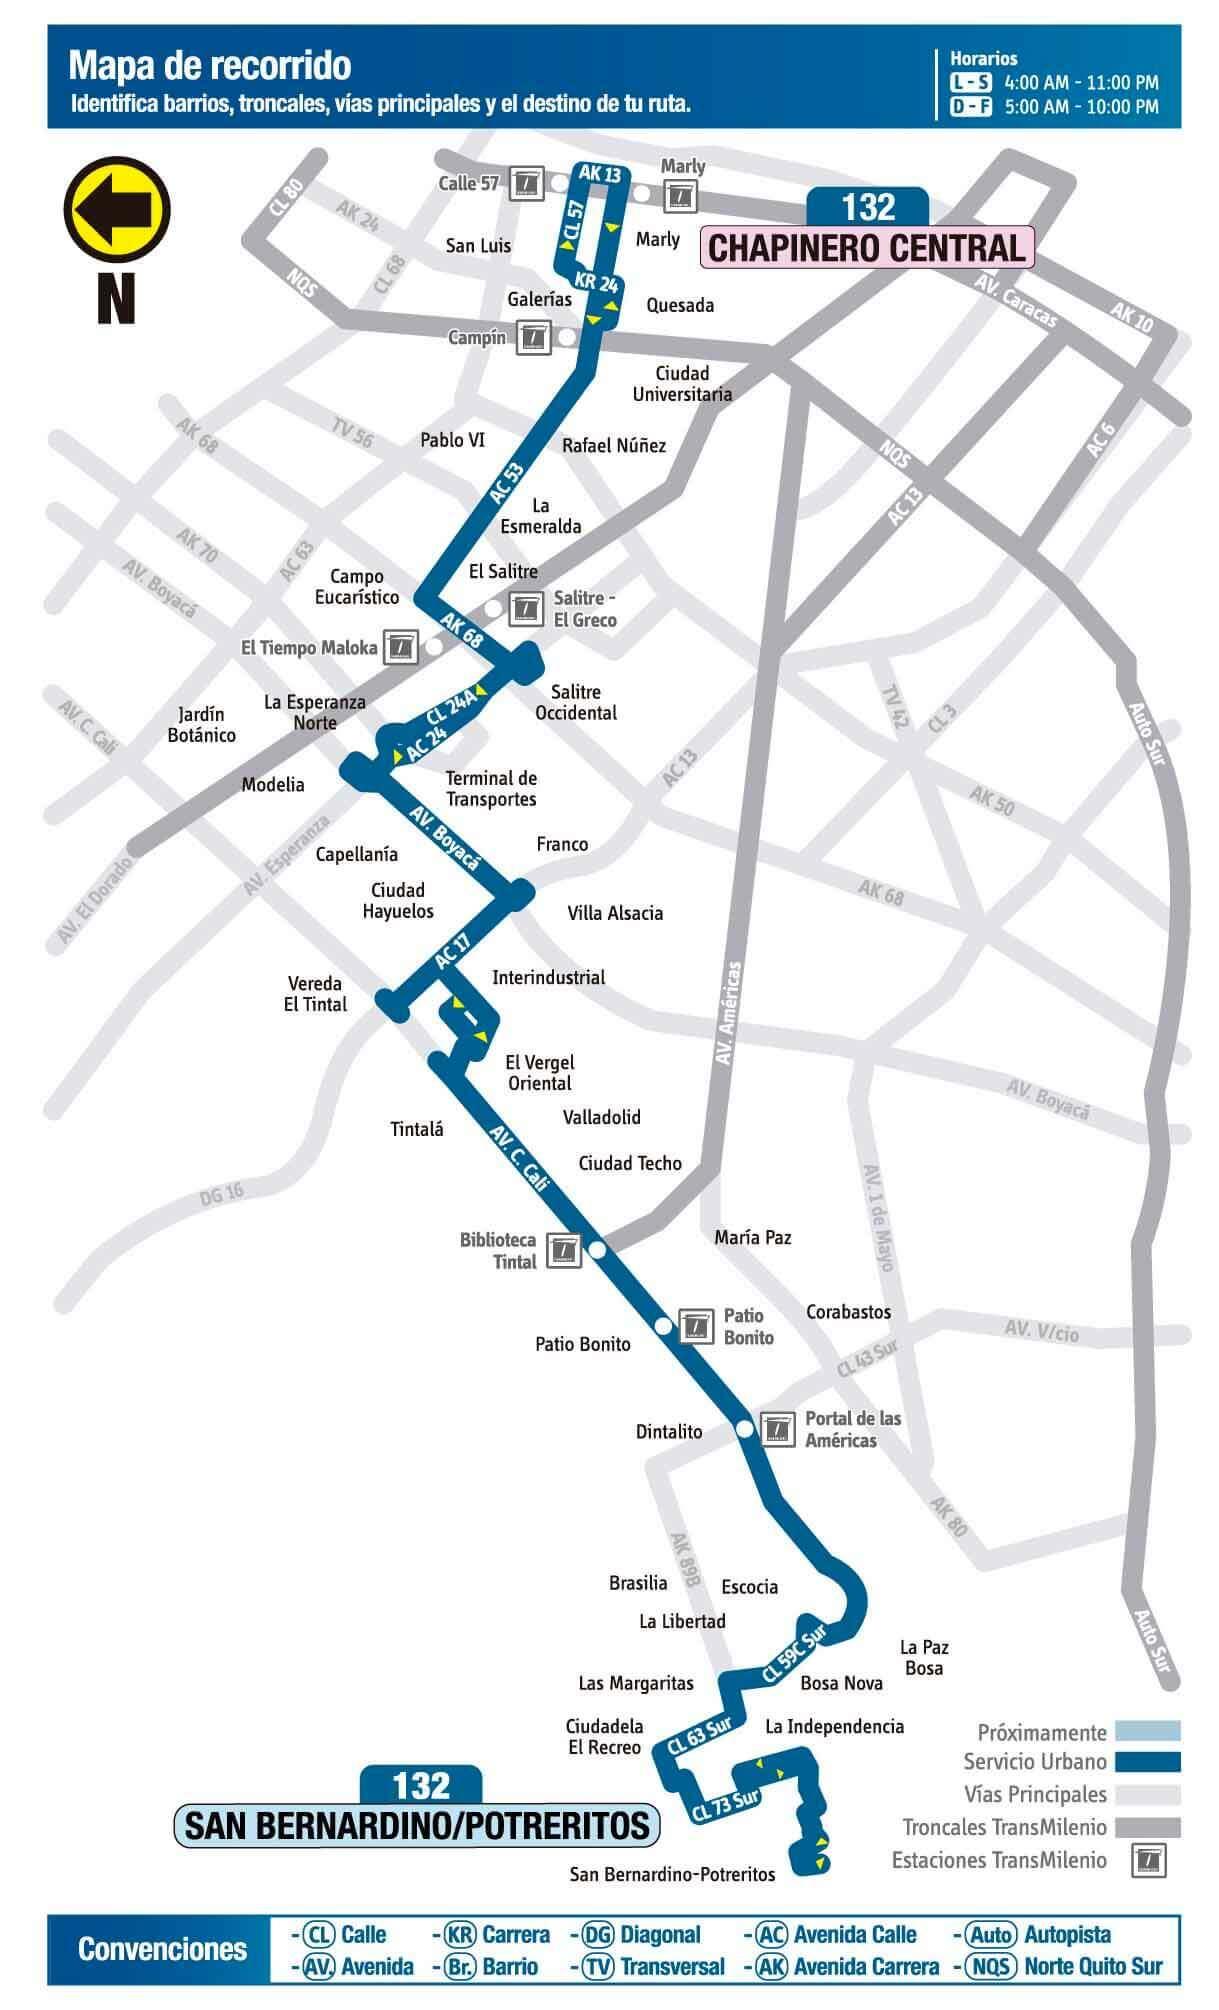 Mapa de la ruta 132 SITP